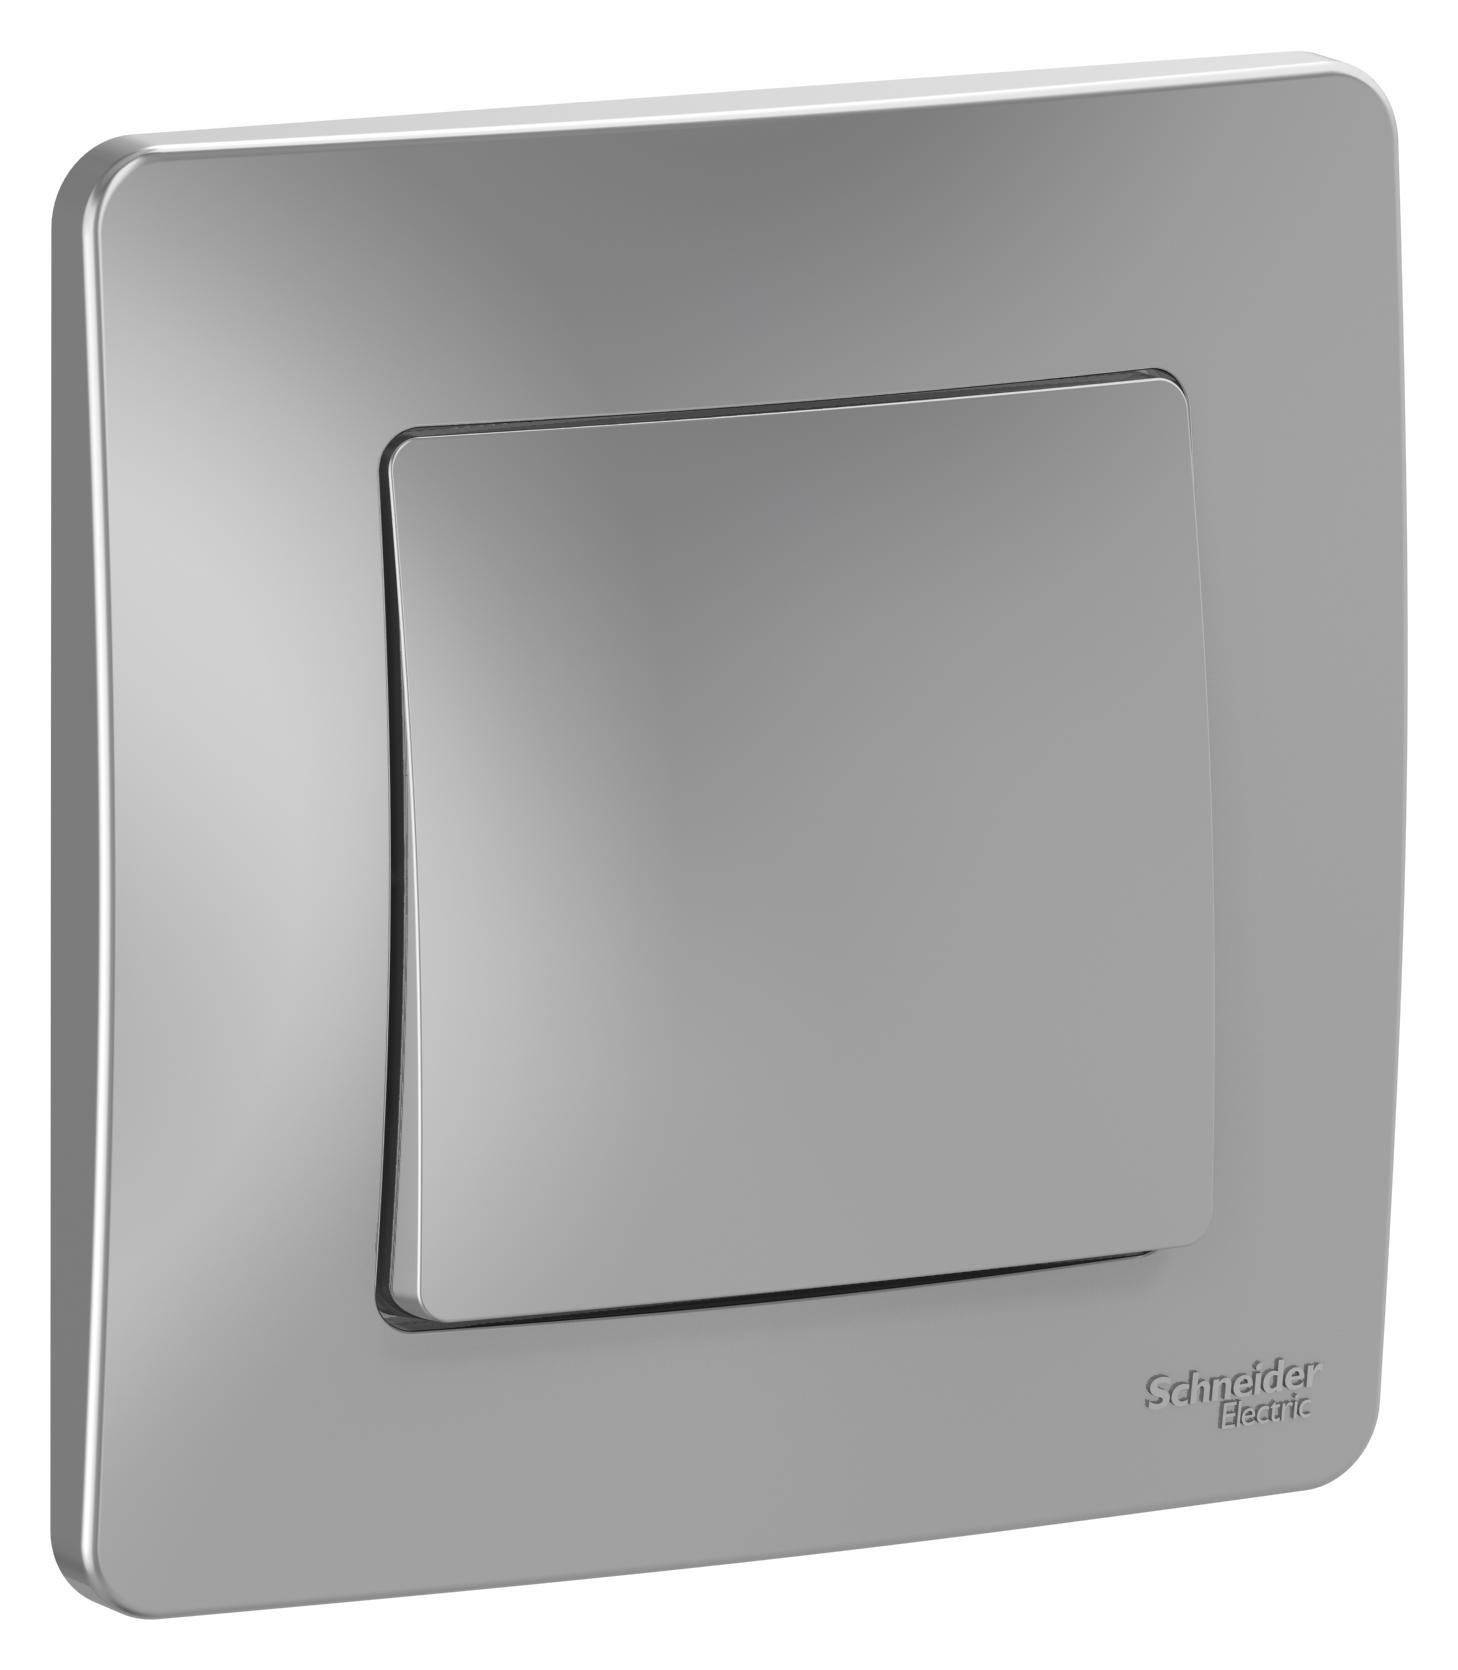 Выключатель Schneider electric Blnvs010103 blanca выключатель gsl000497 schneider electric